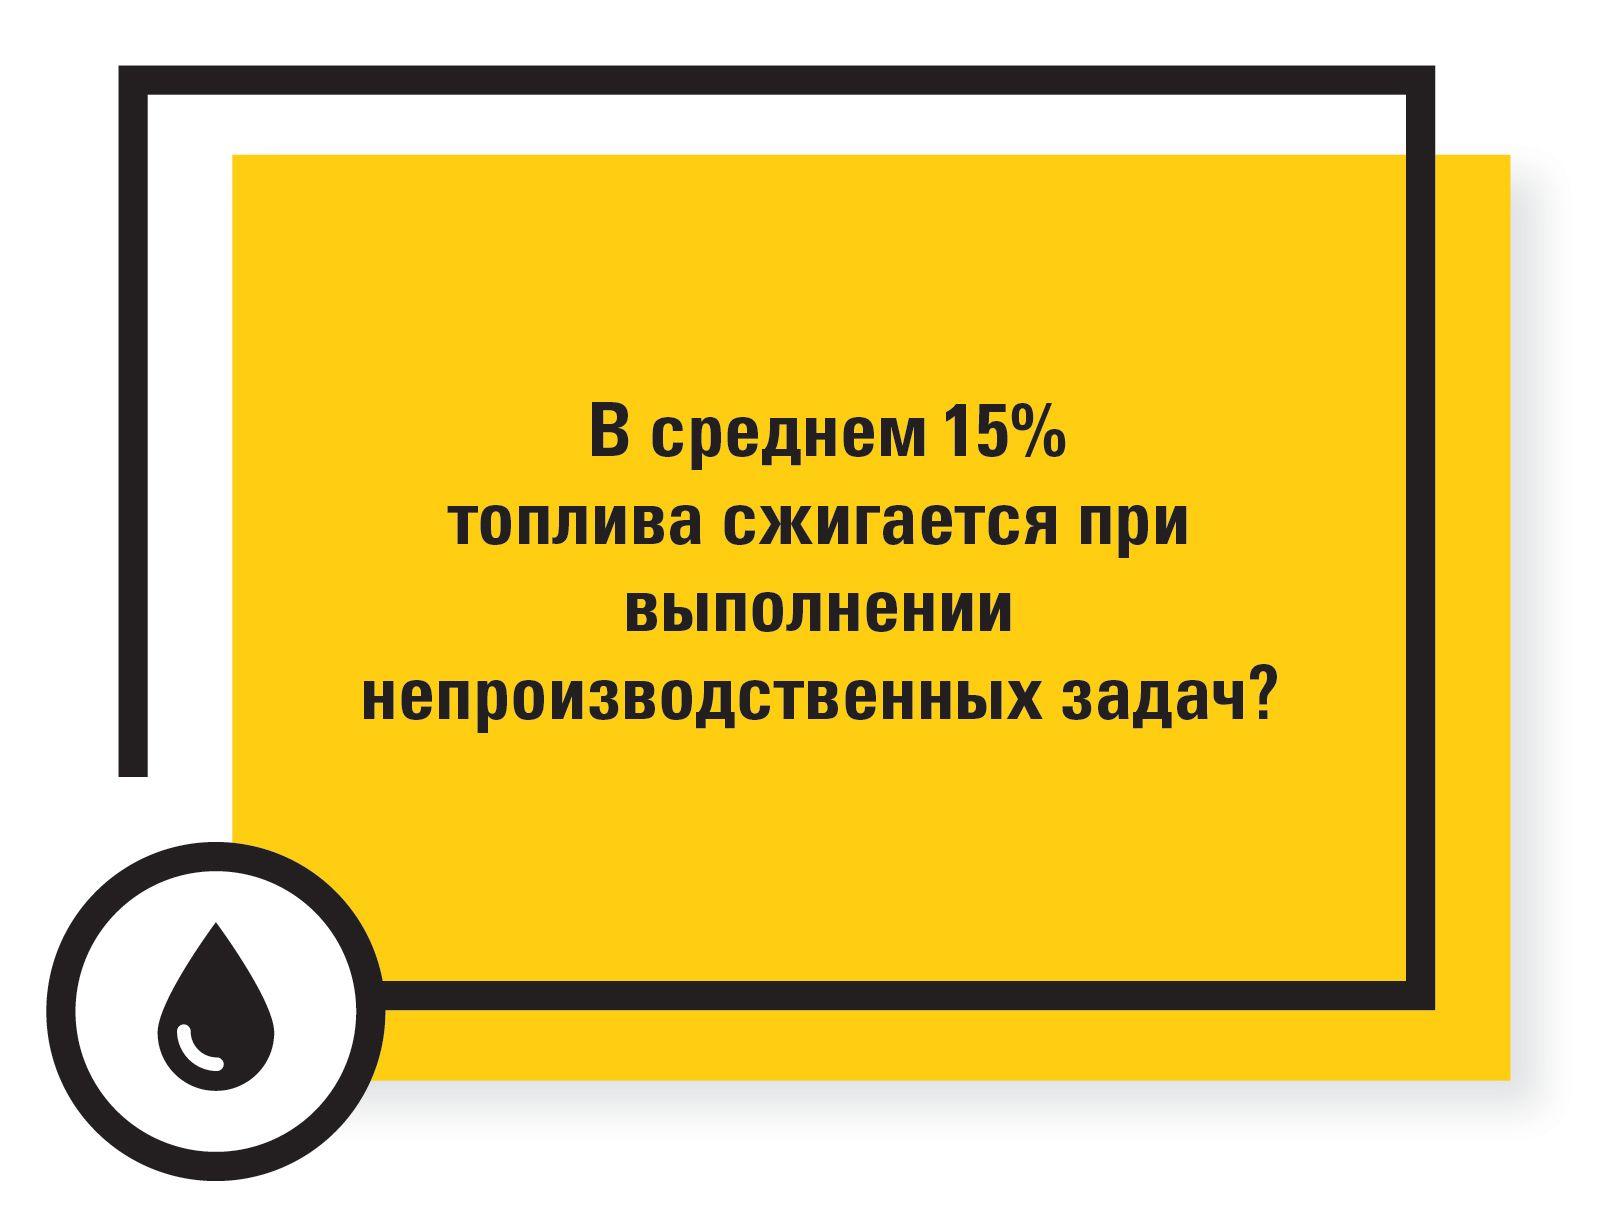 В среднем 15% топлива сжигается при  выполнении  непроизводственных задач?